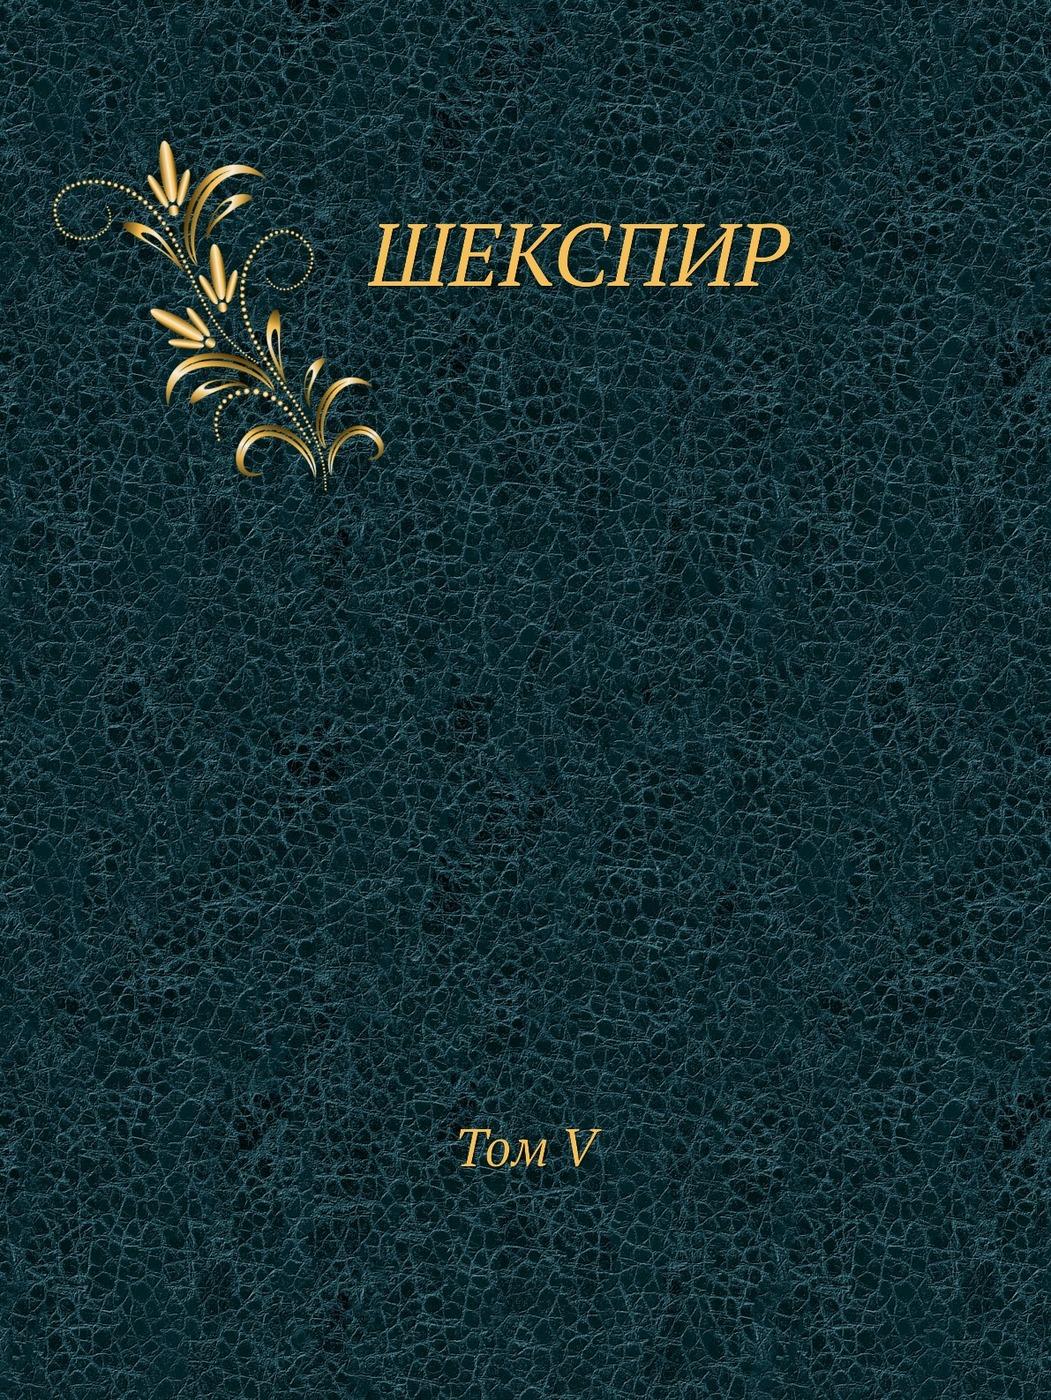 Шекспир. Том V. Полное собрание сочинений в пяти томах (Антикварное издание 1902 г.)